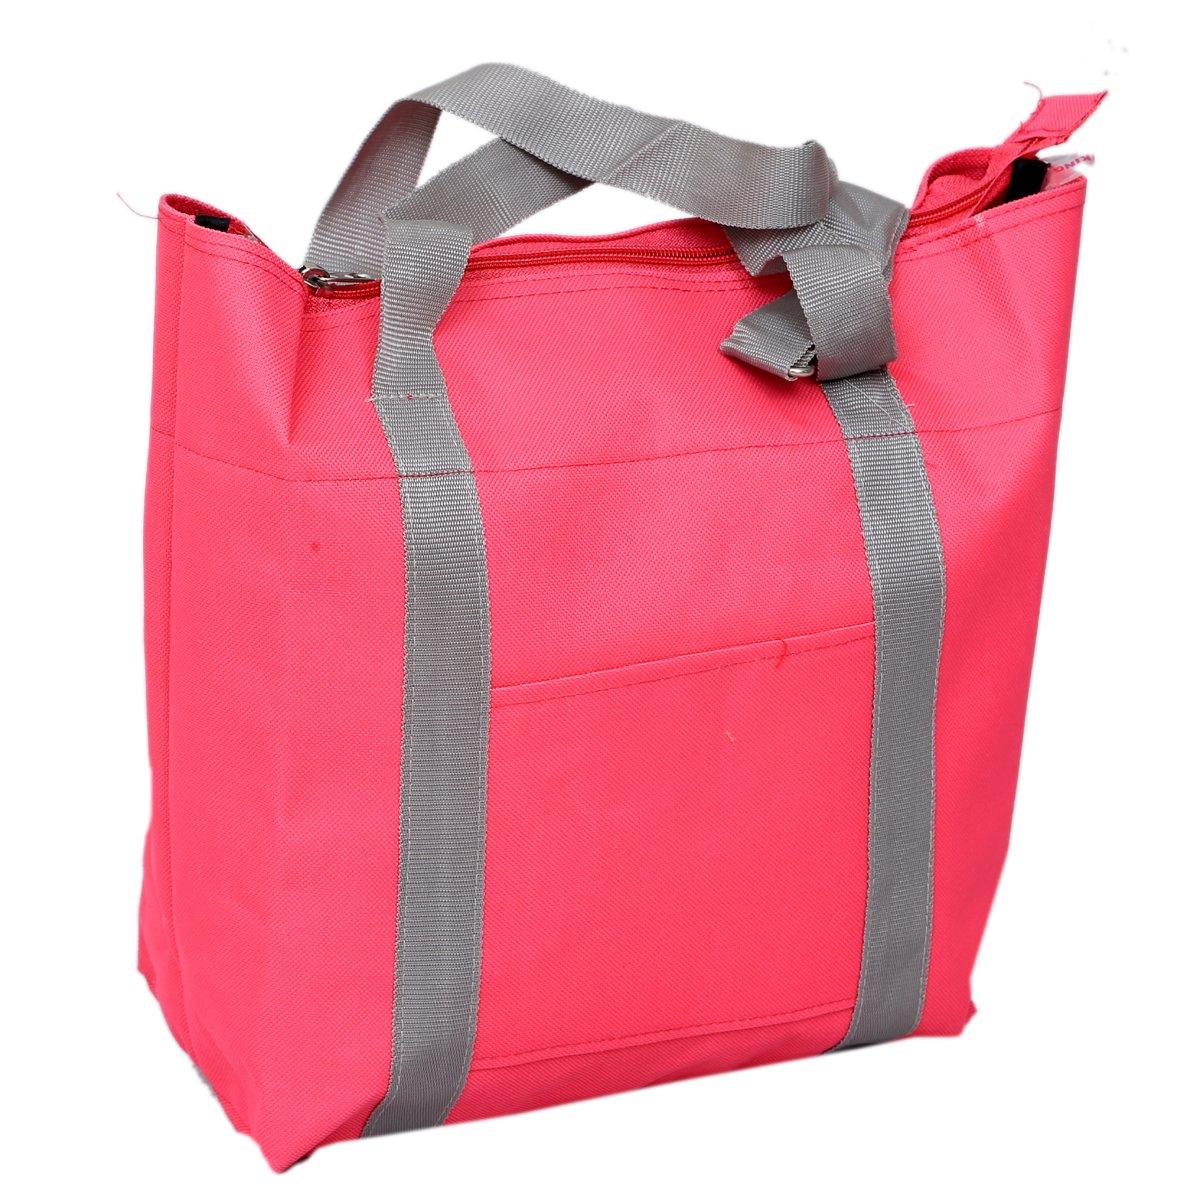 Kuber Industriesキャンバススタイリッシュなスリングバッグ、ピクニック、ショッピングバッグ、ハンドバッグ(ピンク) – ki19454 B072HG5KQZ